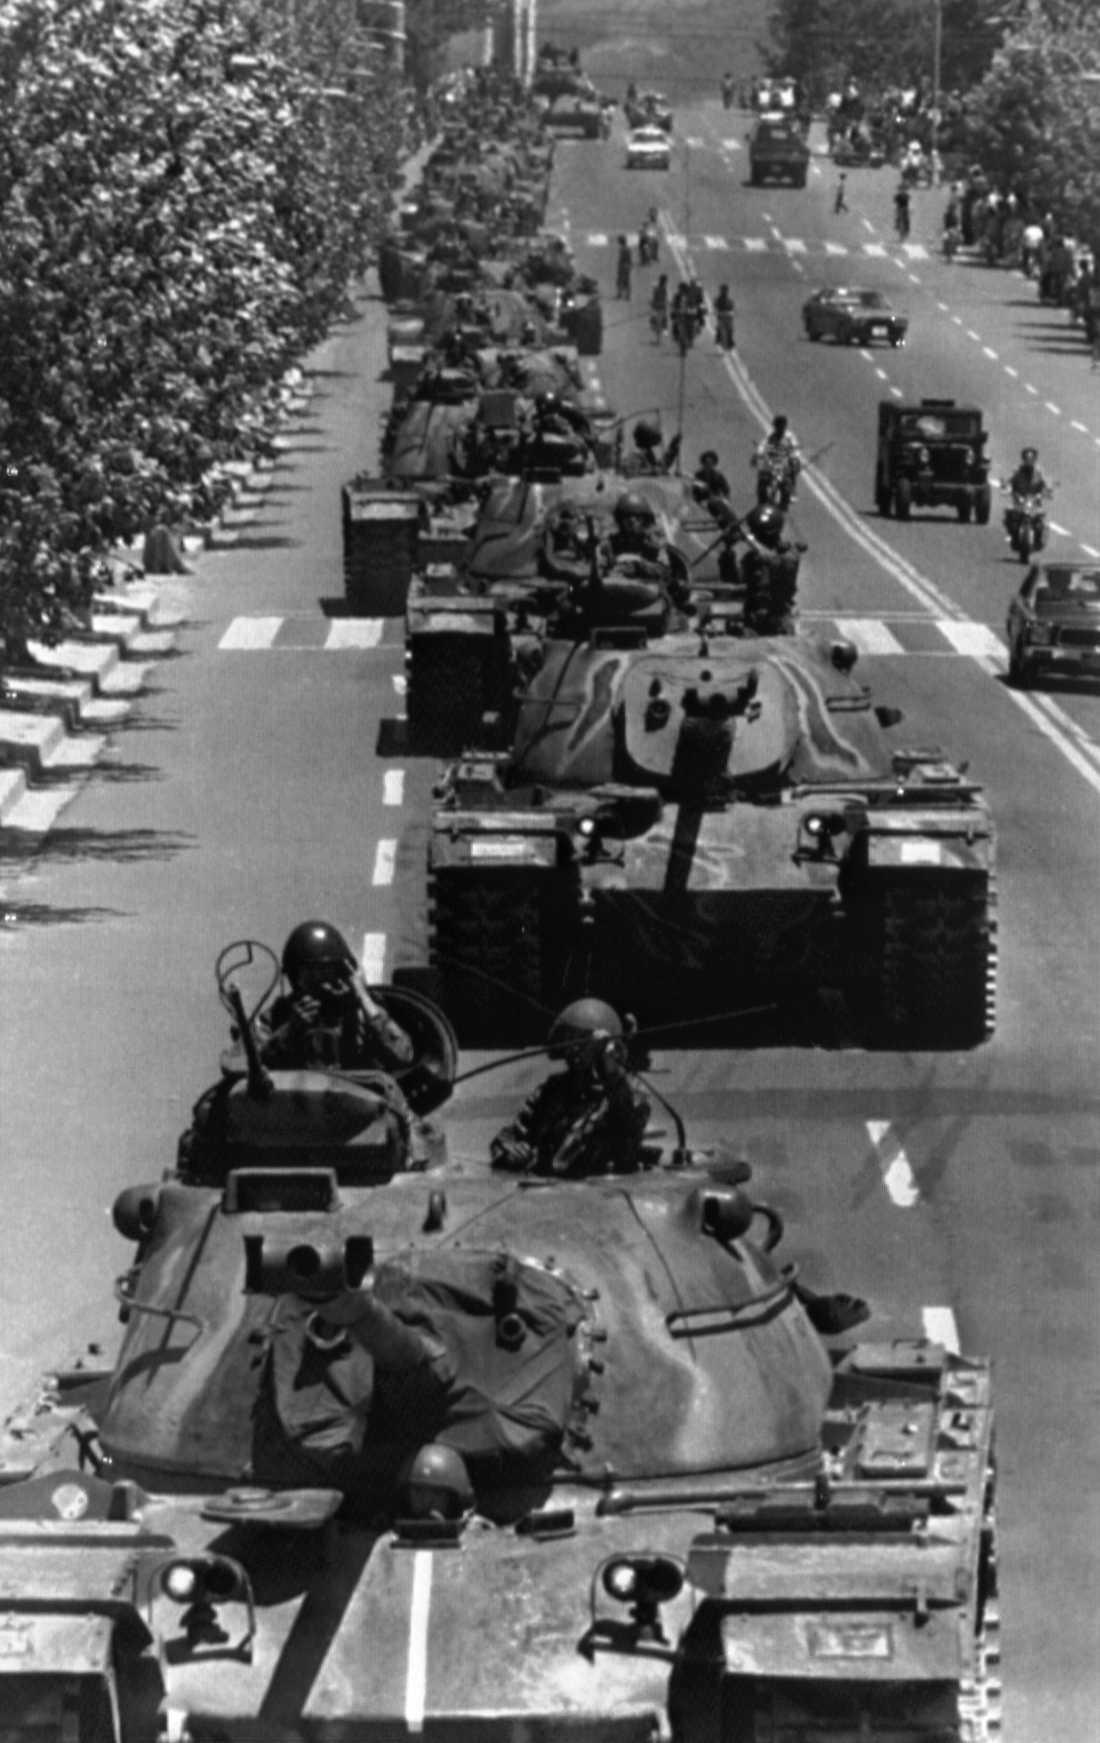 Militären med general Chun Doo-Hwan i spetsen åker i stridsvagnar genom Kwangju efter att ha gripit makten under en militärkupp. Arkivbild.